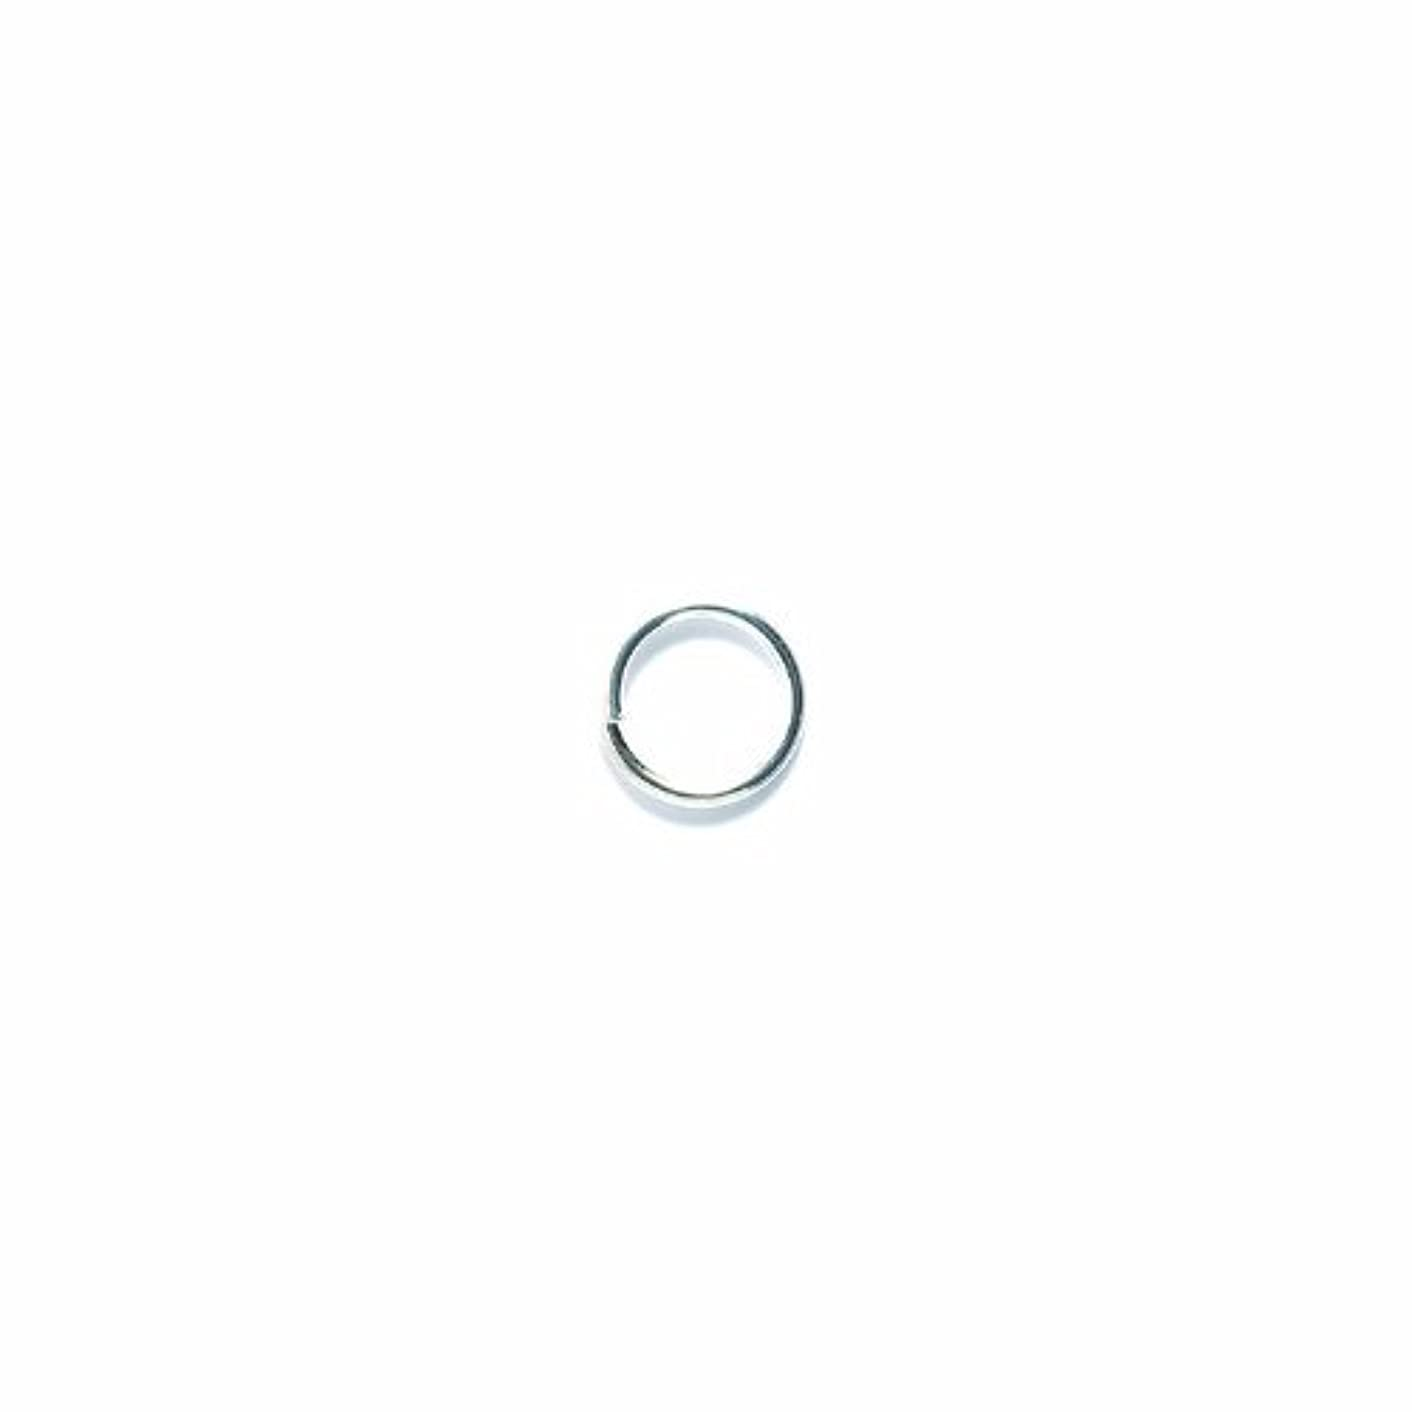 Shipwreck Beads Metal Jump Ring, 10 mm, 16-Gauge, Metallic, Silver, 50 gm Pack